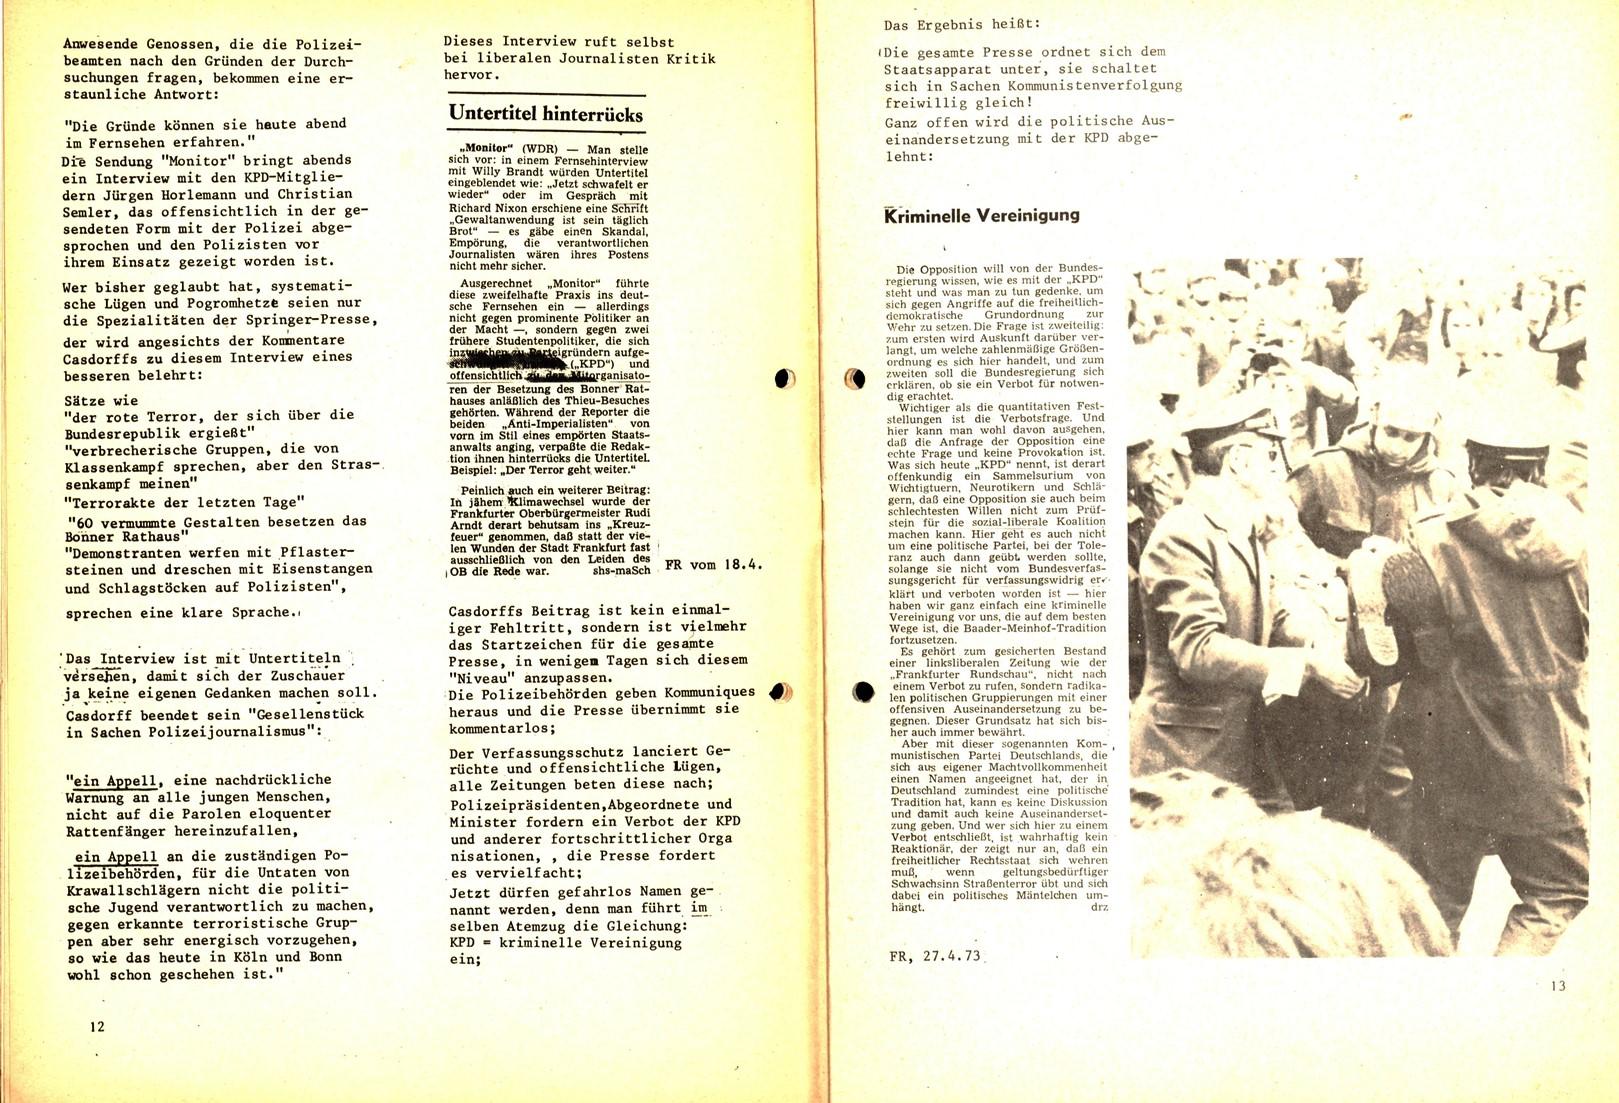 Komitee_Haende_weg_von_der_KPD_1973_Polizeijournalismus_07